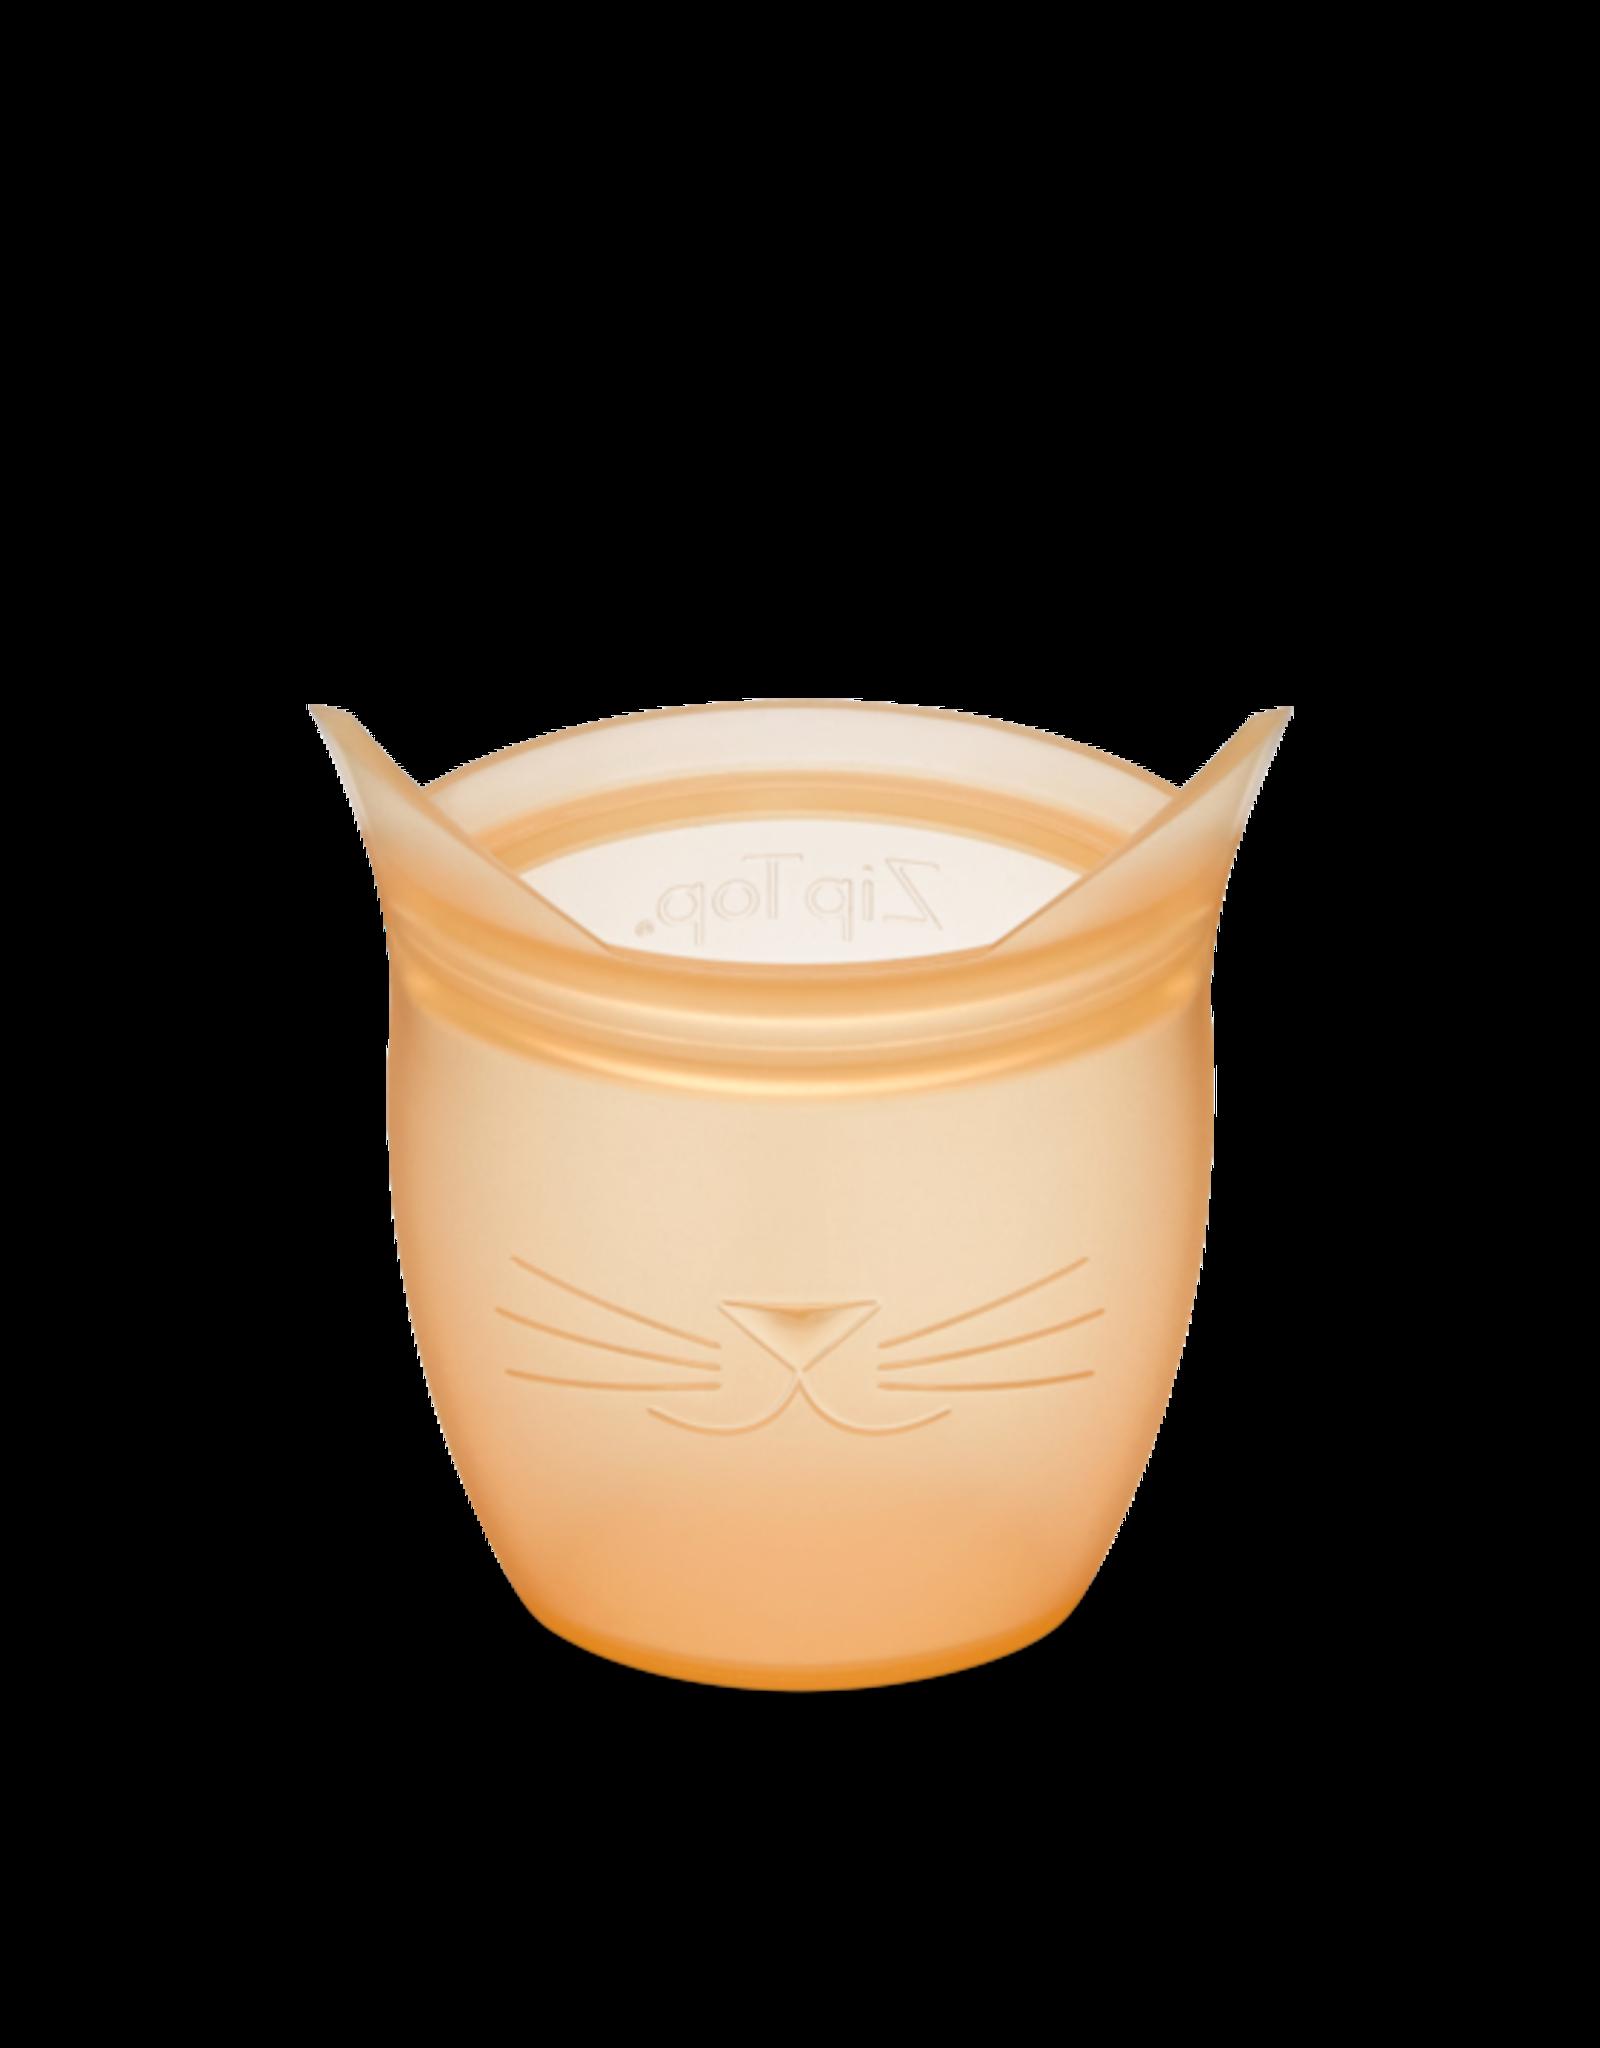 Zip Top Zip Top - Baby Snack Container - Cat - Orange